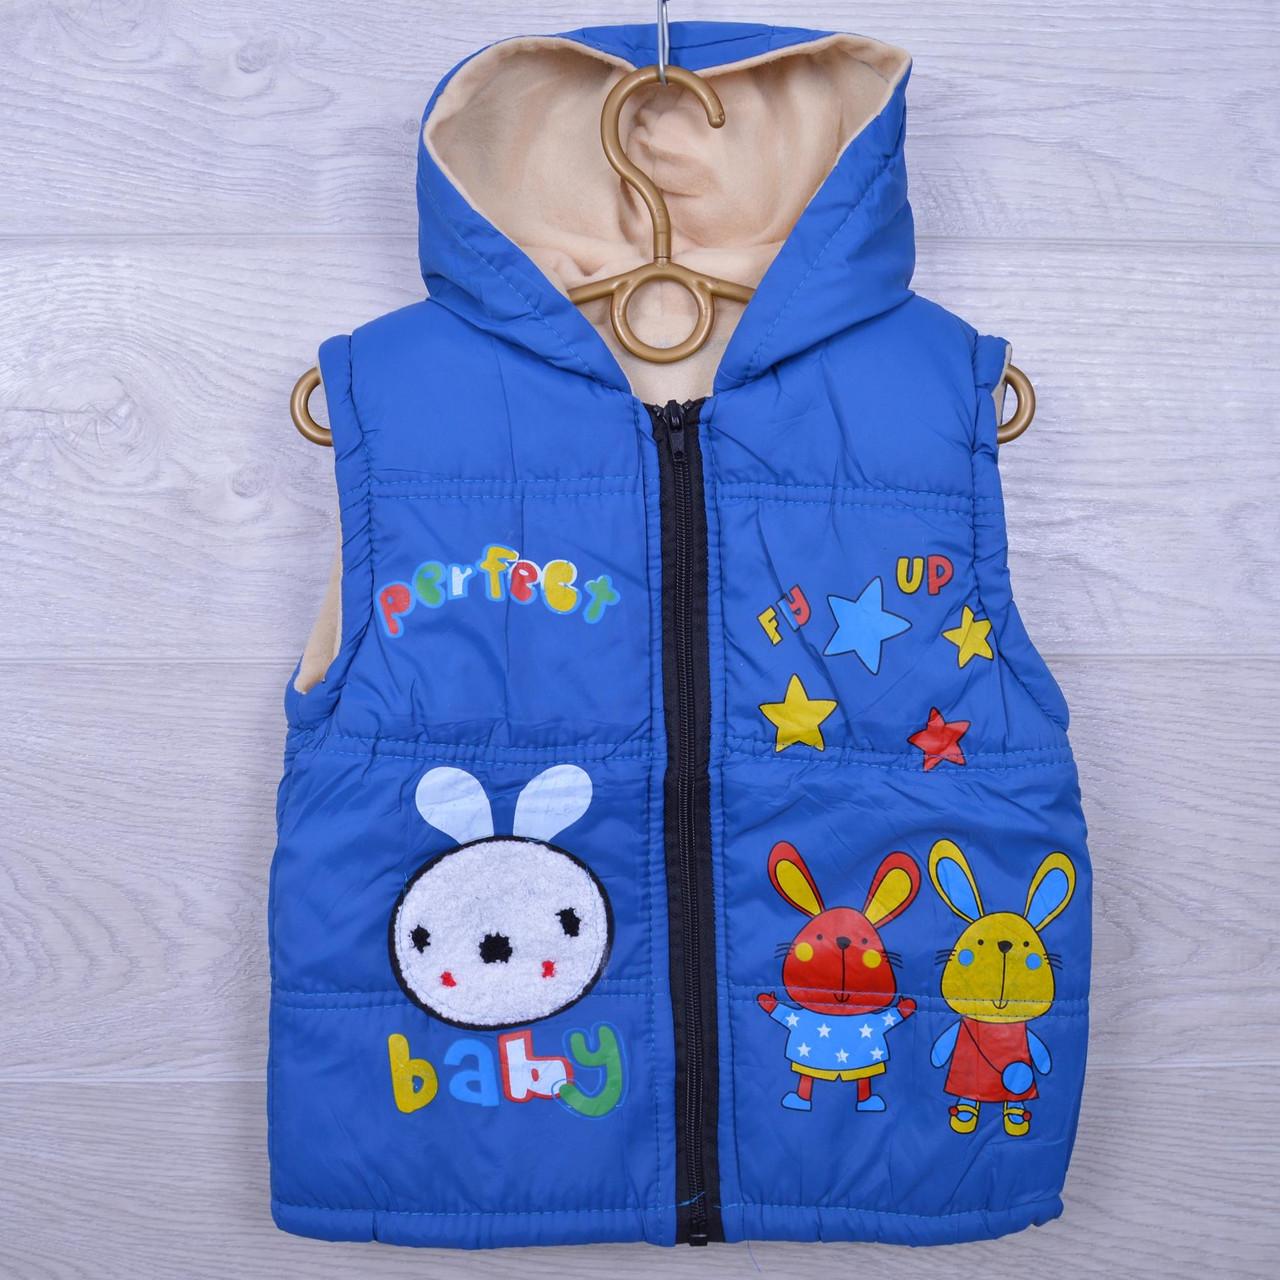 Детская демисезонная жилетка Зайчики #18/2 для девочек. 3-5 лет. Синяя. Оптом.